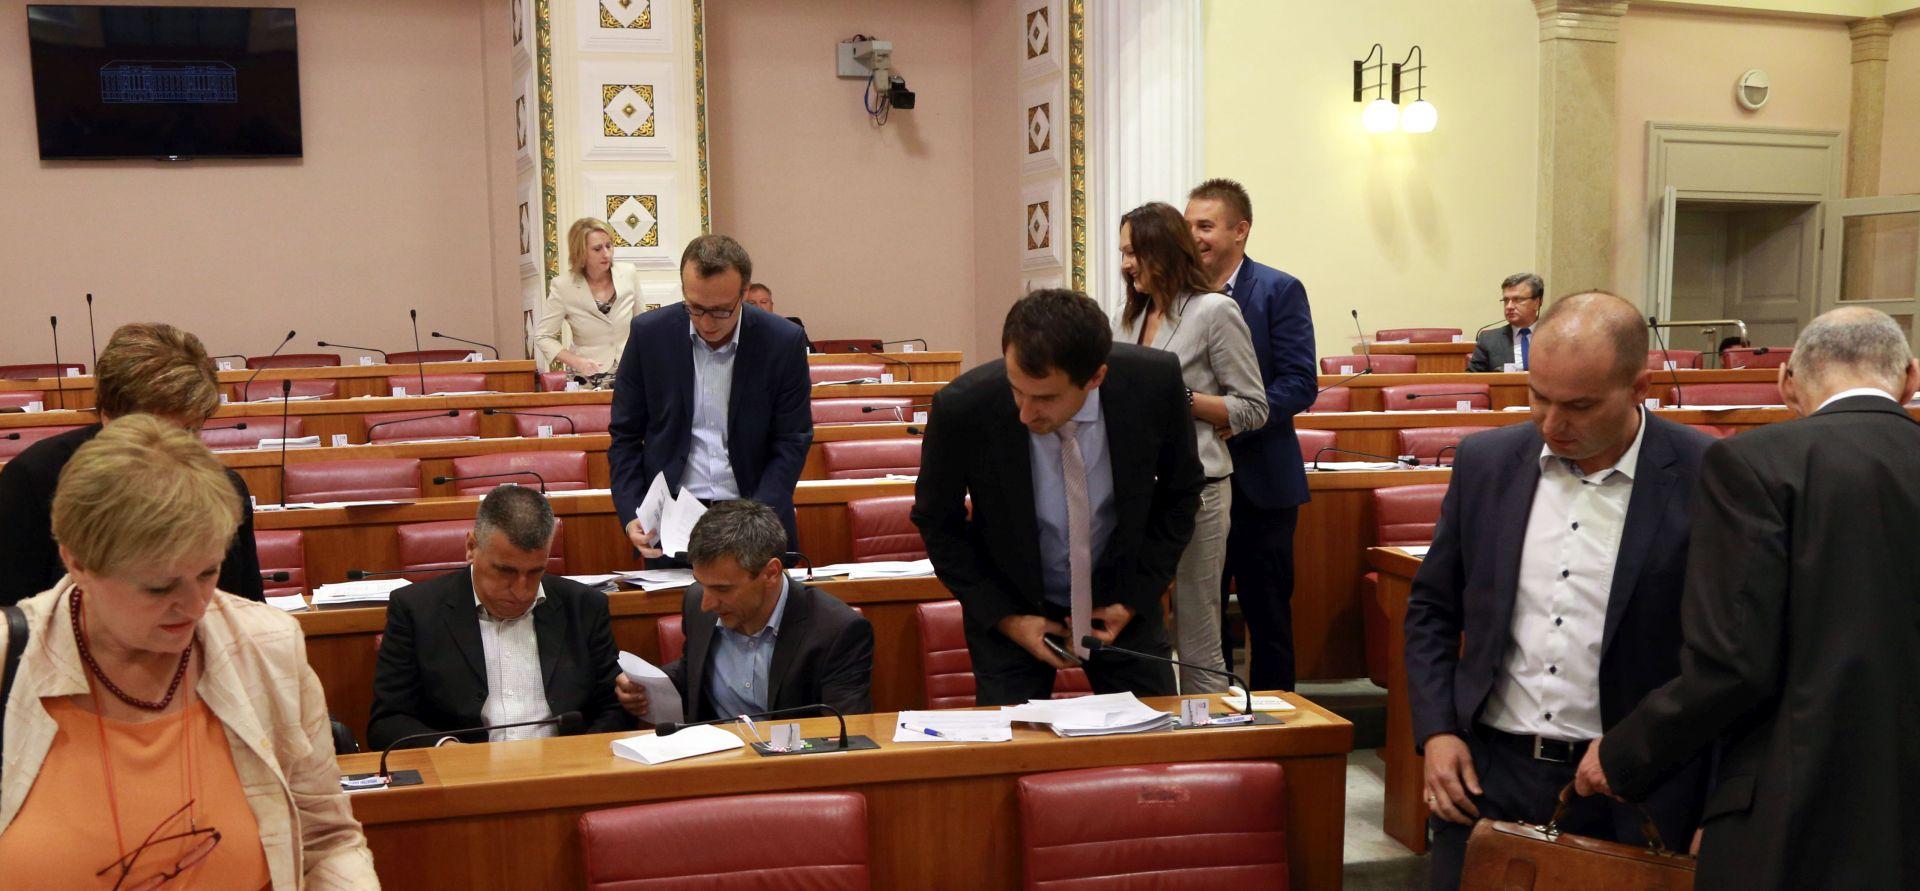 MOST-ovci potpisali inicijativu za raspuštanje Sabora